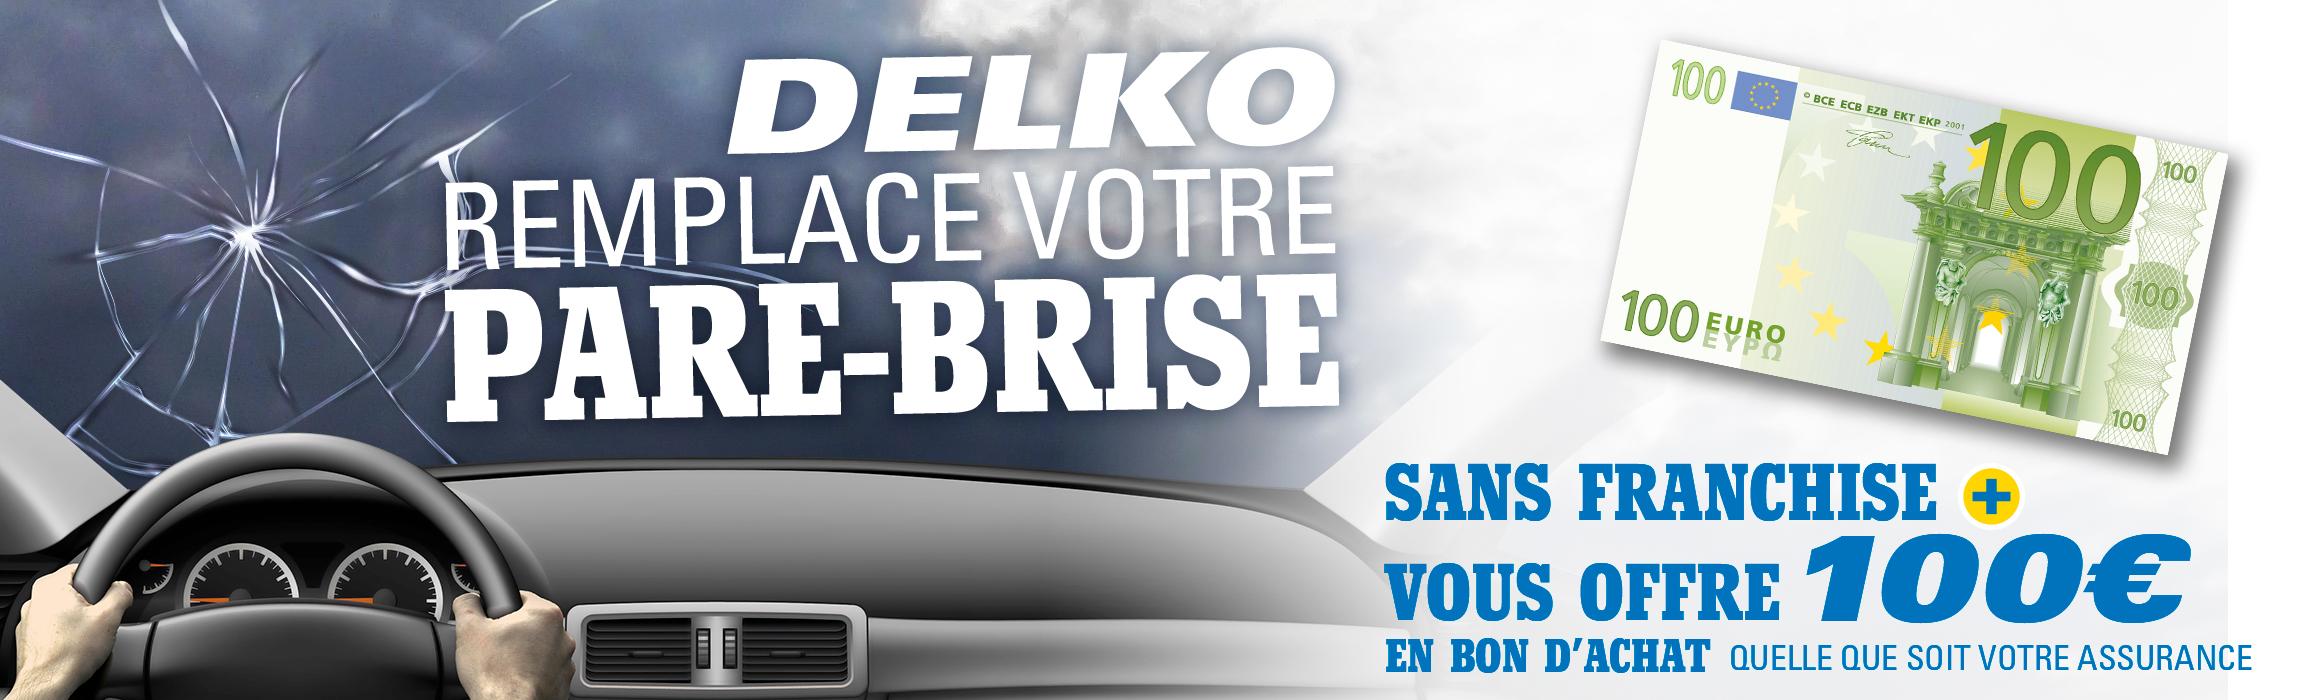 Delko remplace votre pare-brise et vous offre 100€ en bon d'achat !